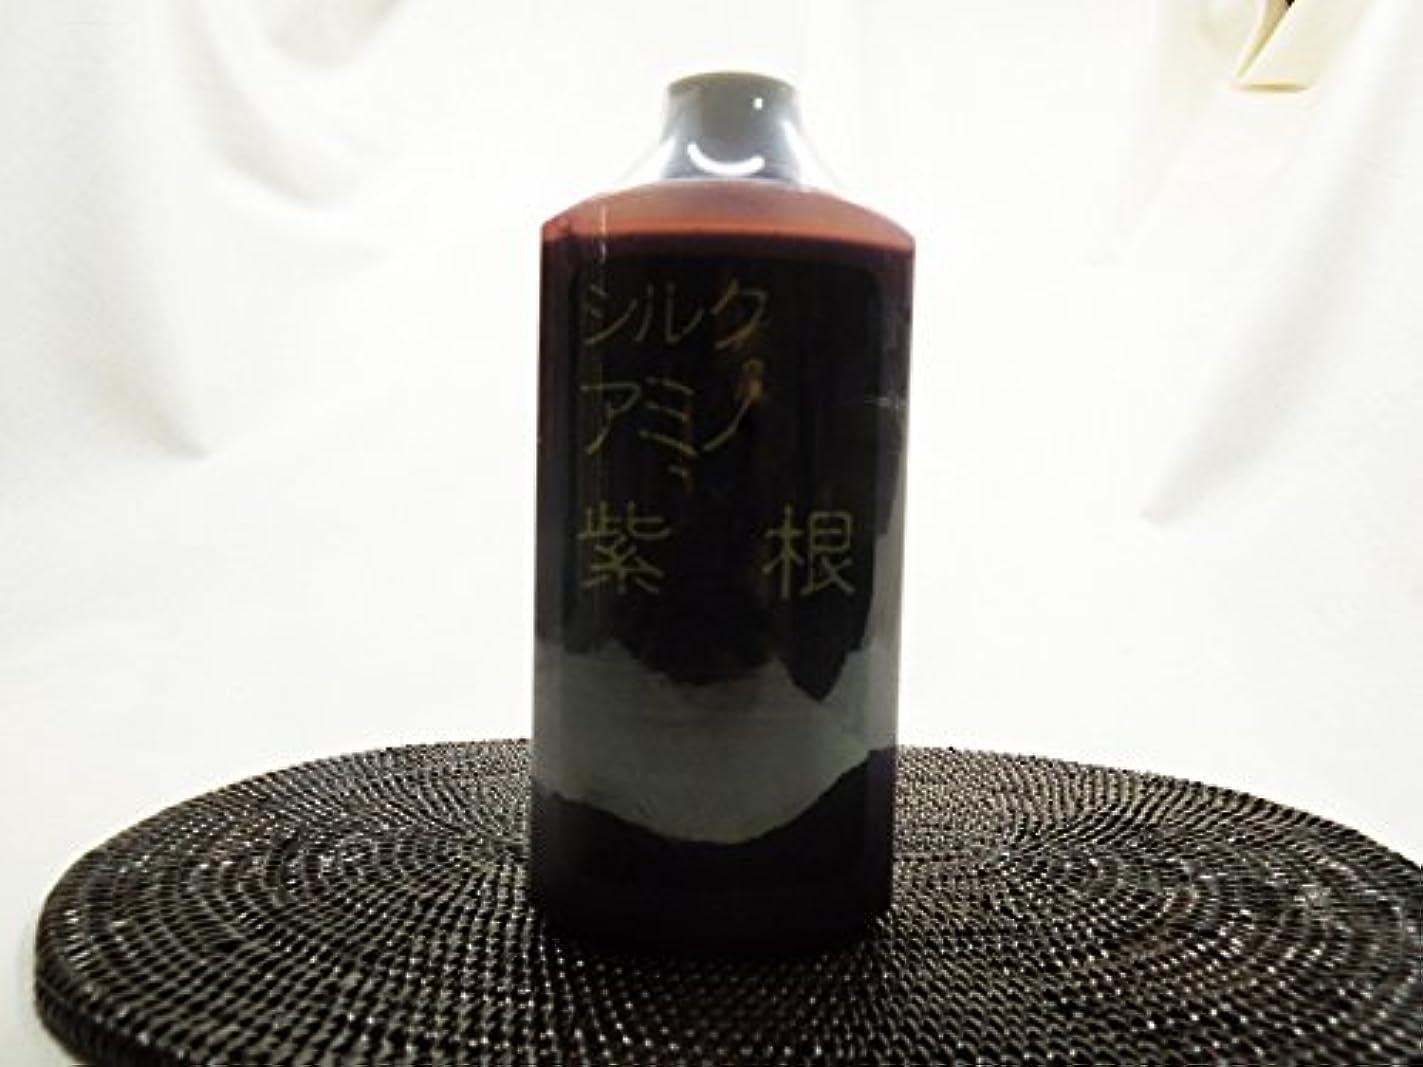 つかいます億ちなみにMAGENTA バスビューティヘルス 【シルク×アミノ酸×紫根】 シルクアミノ高級バスエッセンス 310ml 日本製